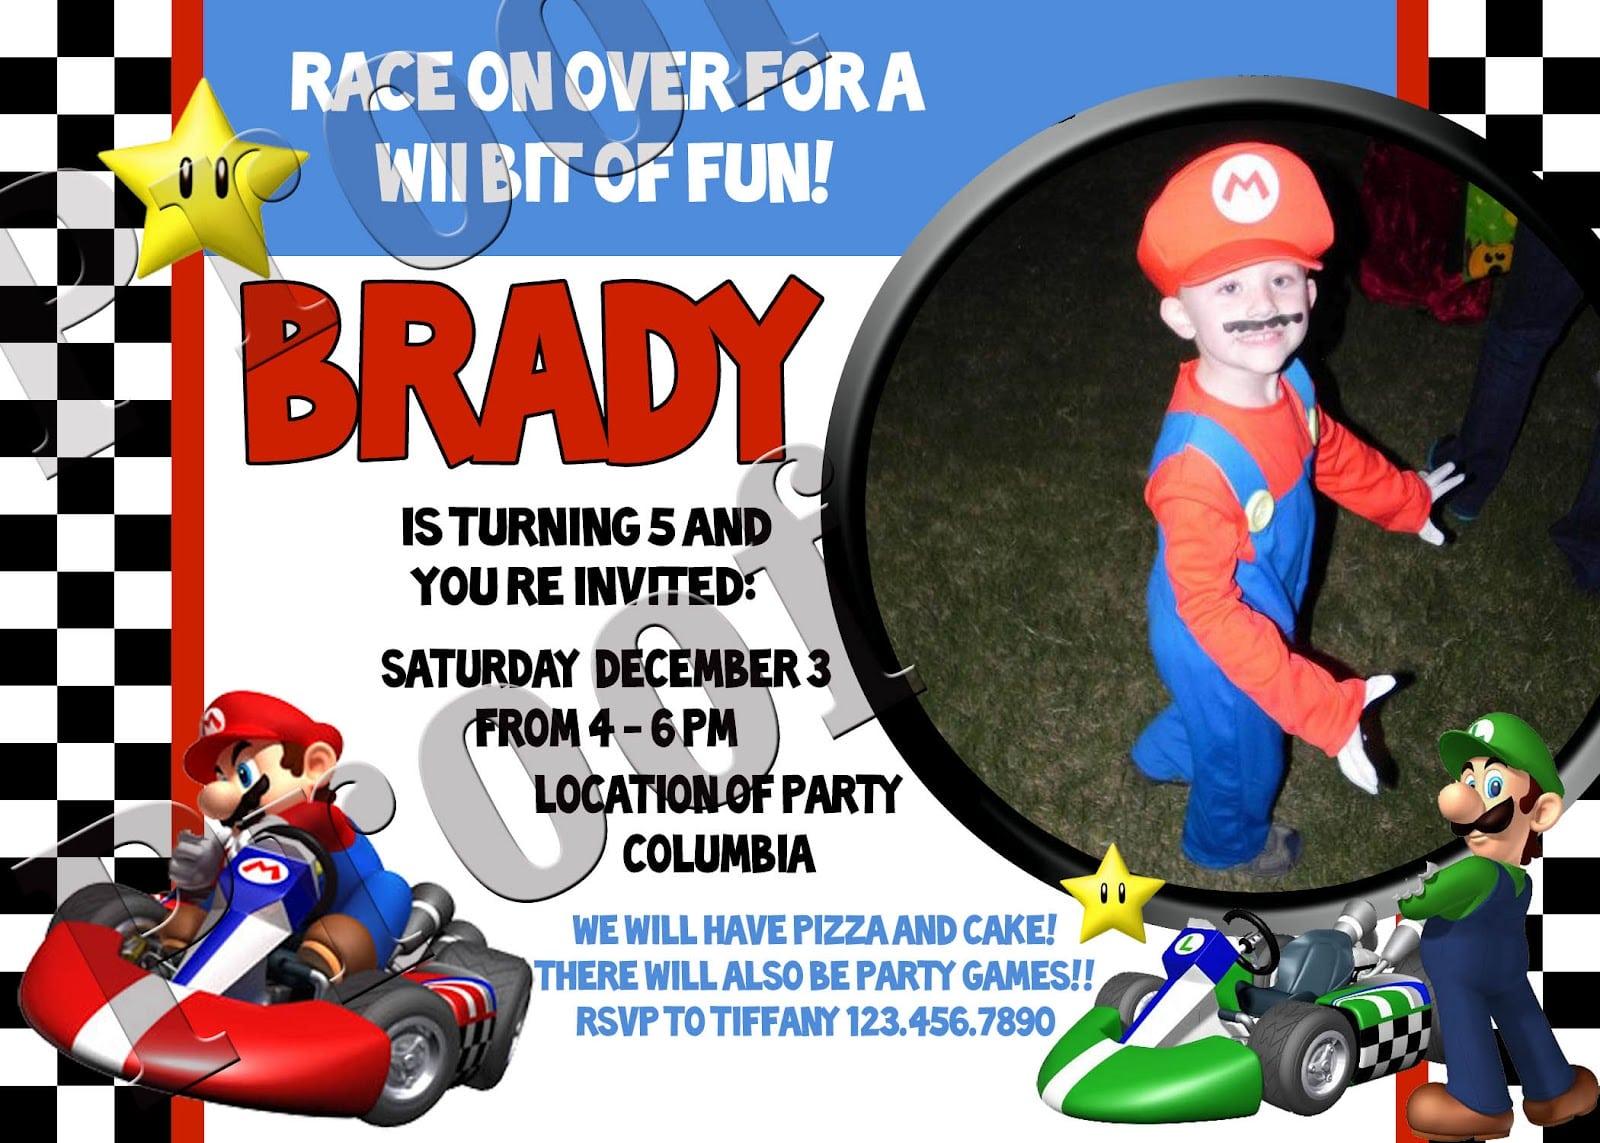 Mario Kart Party Invitations - Mickey Mouse Invitations Templates